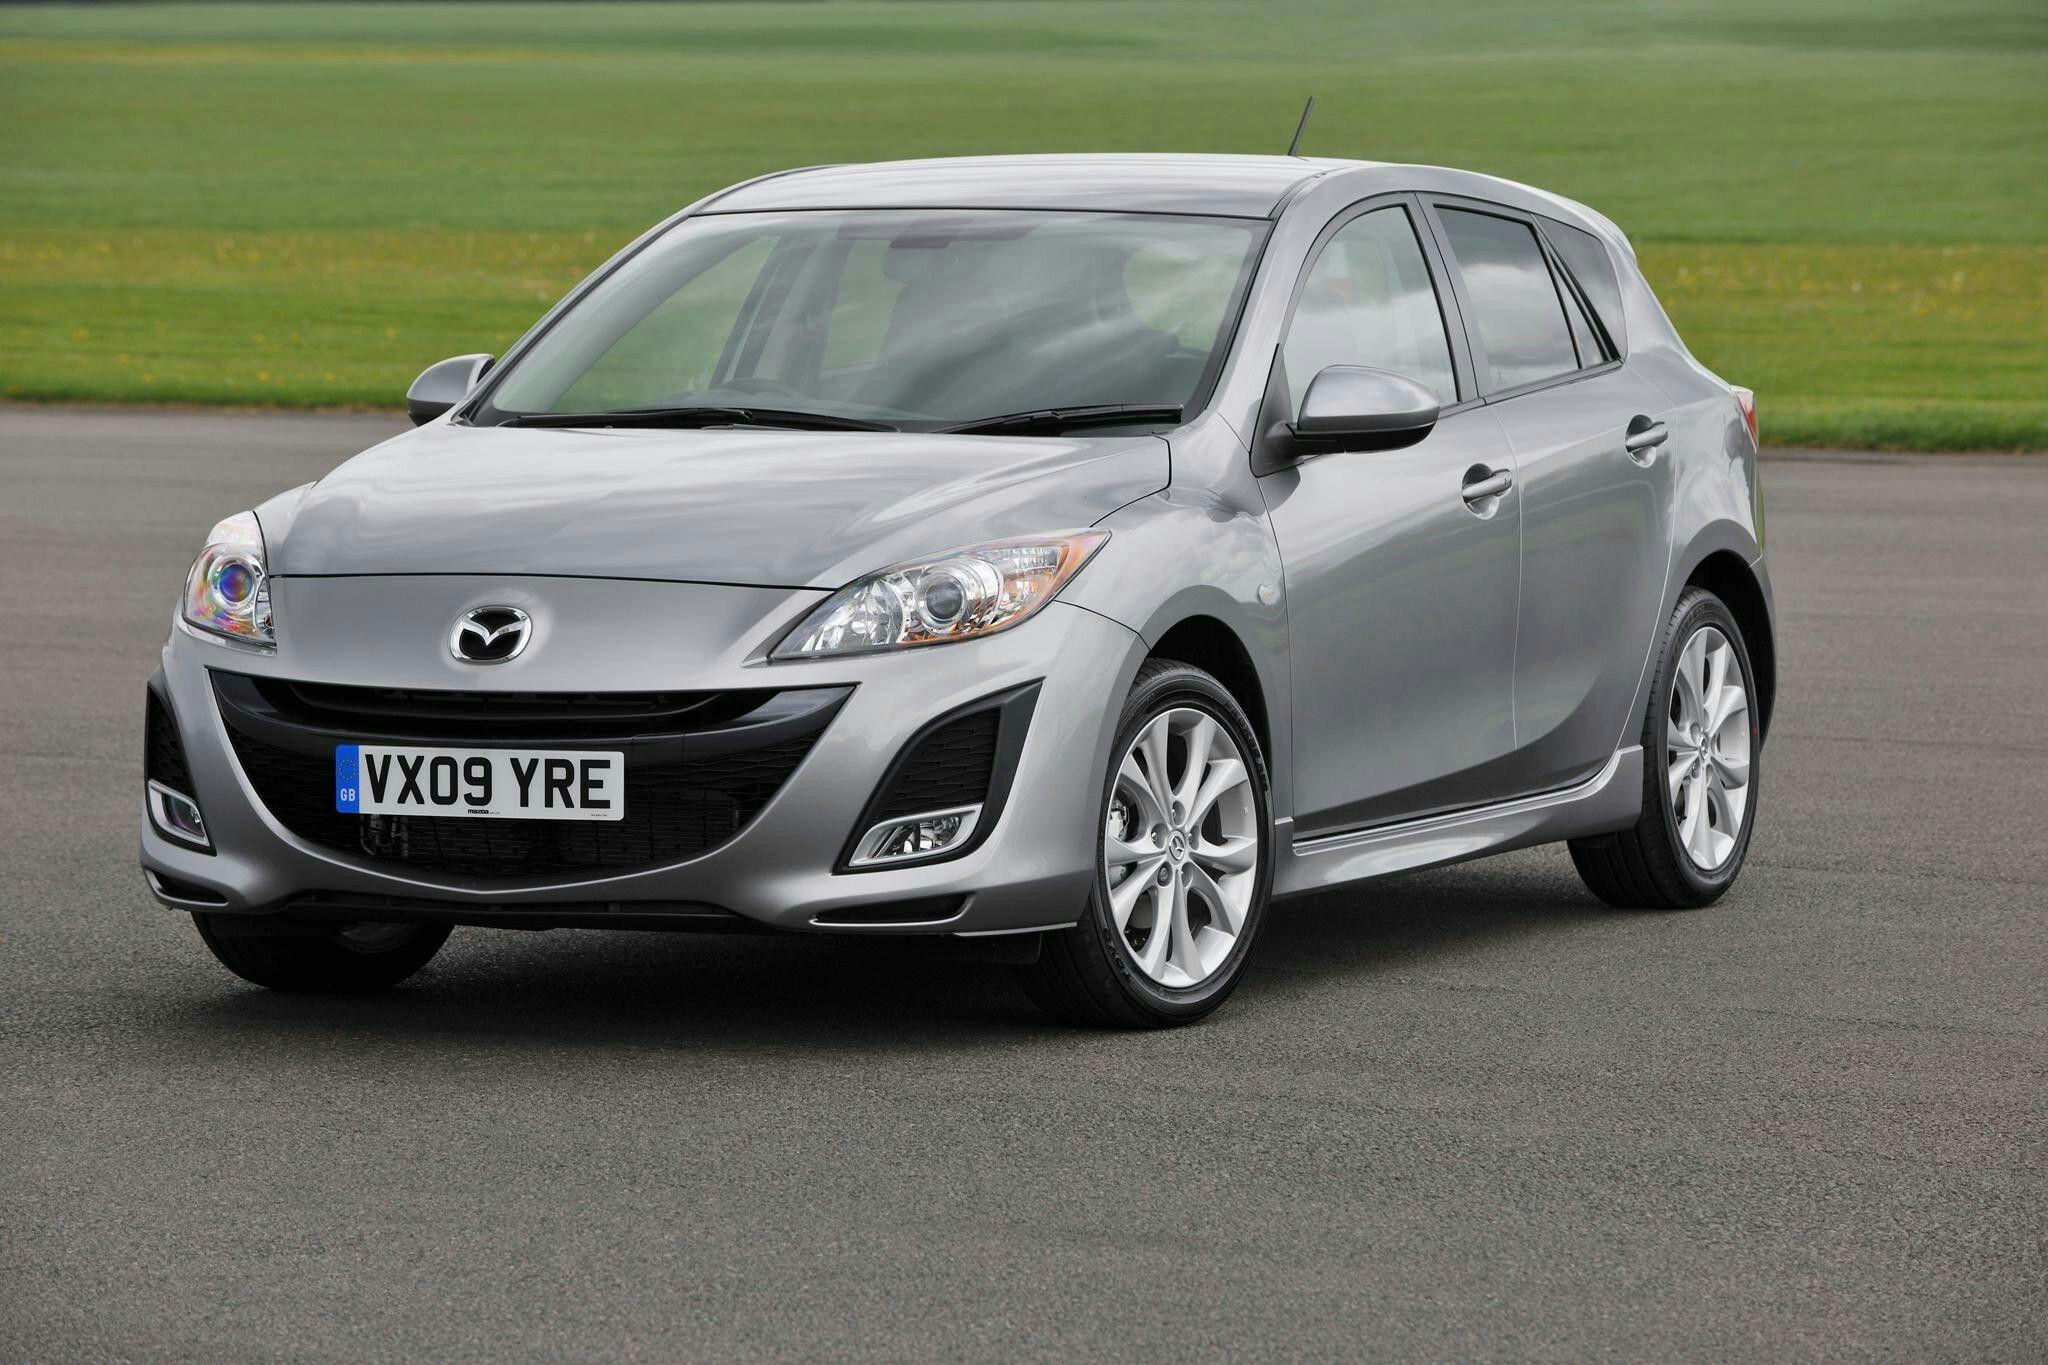 Mazda 3 Sport Mazda cars, Mazda, Mazda 3 hatchback